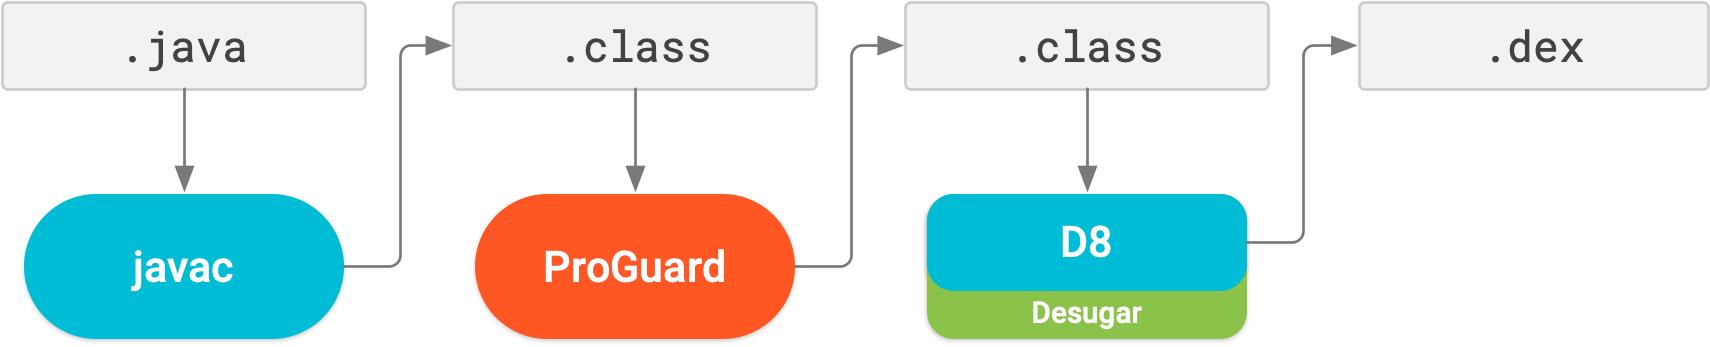 Antes do R8, o ProGuard era uma etapa de compilação diferente da dexação e da simplificação de leitura.